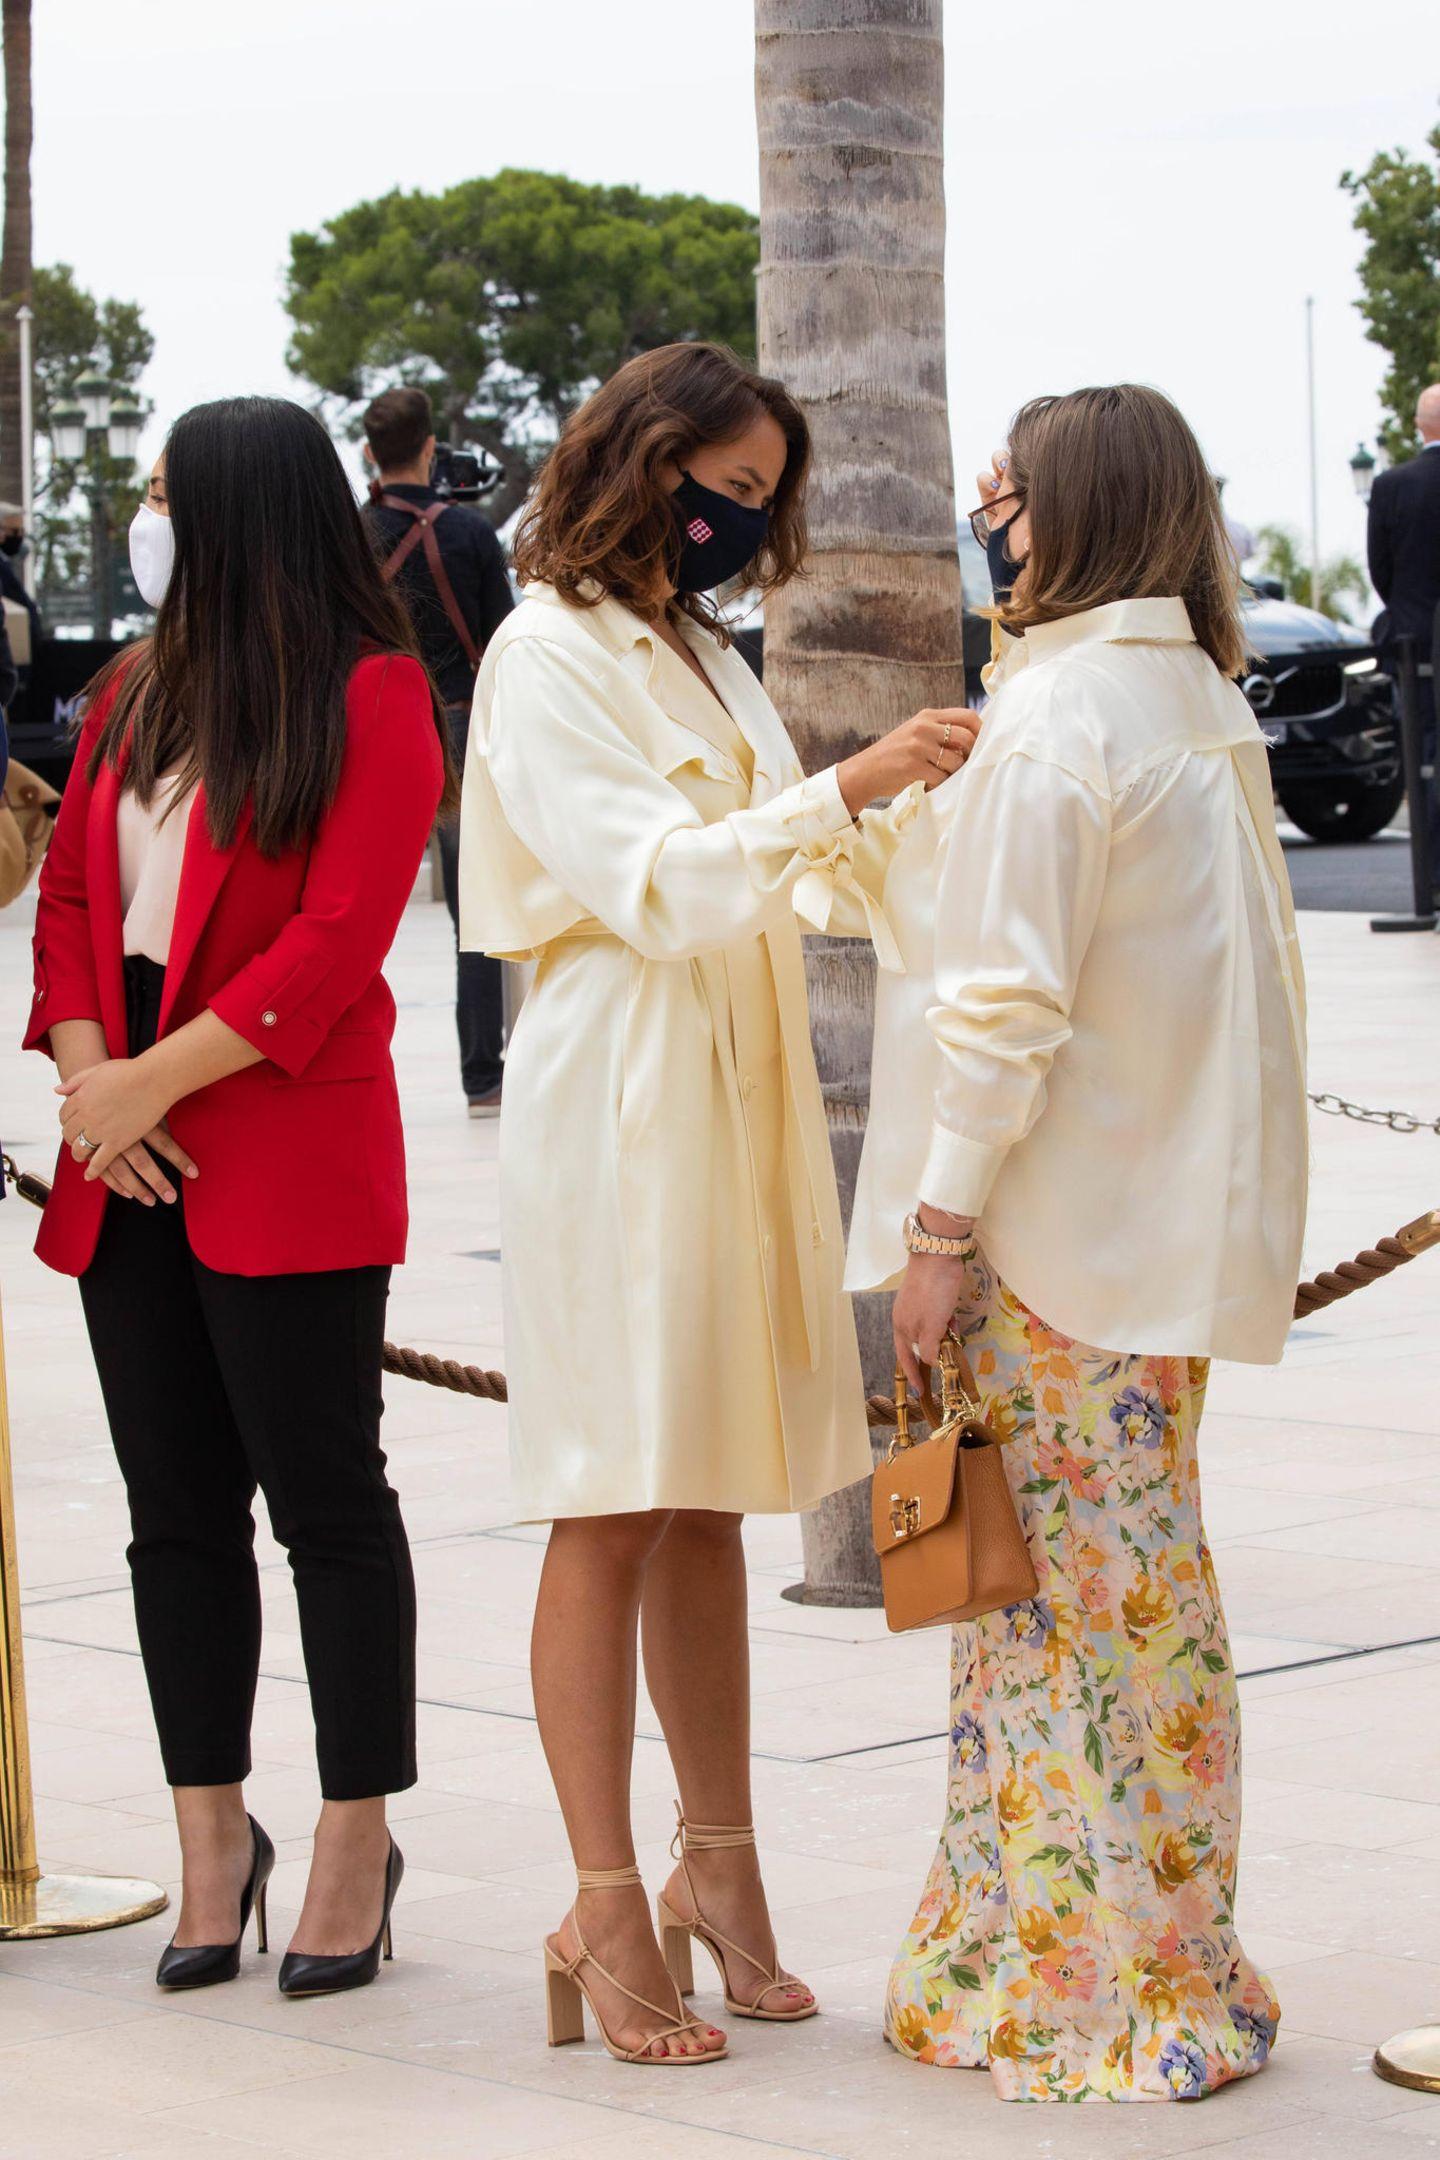 """Wenn man eine Modemacherin zur Schwester hat, lässt man sich natürlich gerne helfen: Pauline Ducruet, die mit ihrem Label """"Alter Designs"""" erste Erfolge feiert, richtet die glänzende Bluse ihrer Schwester Camille Gottlieb. Während Pauline eins ihrer eigenen Designs trägt, ein Blazer-Dress in einem zarten Gelb, entscheidet sich Camille für eine Kombi aus luftiger Blumenhose und Bluse."""